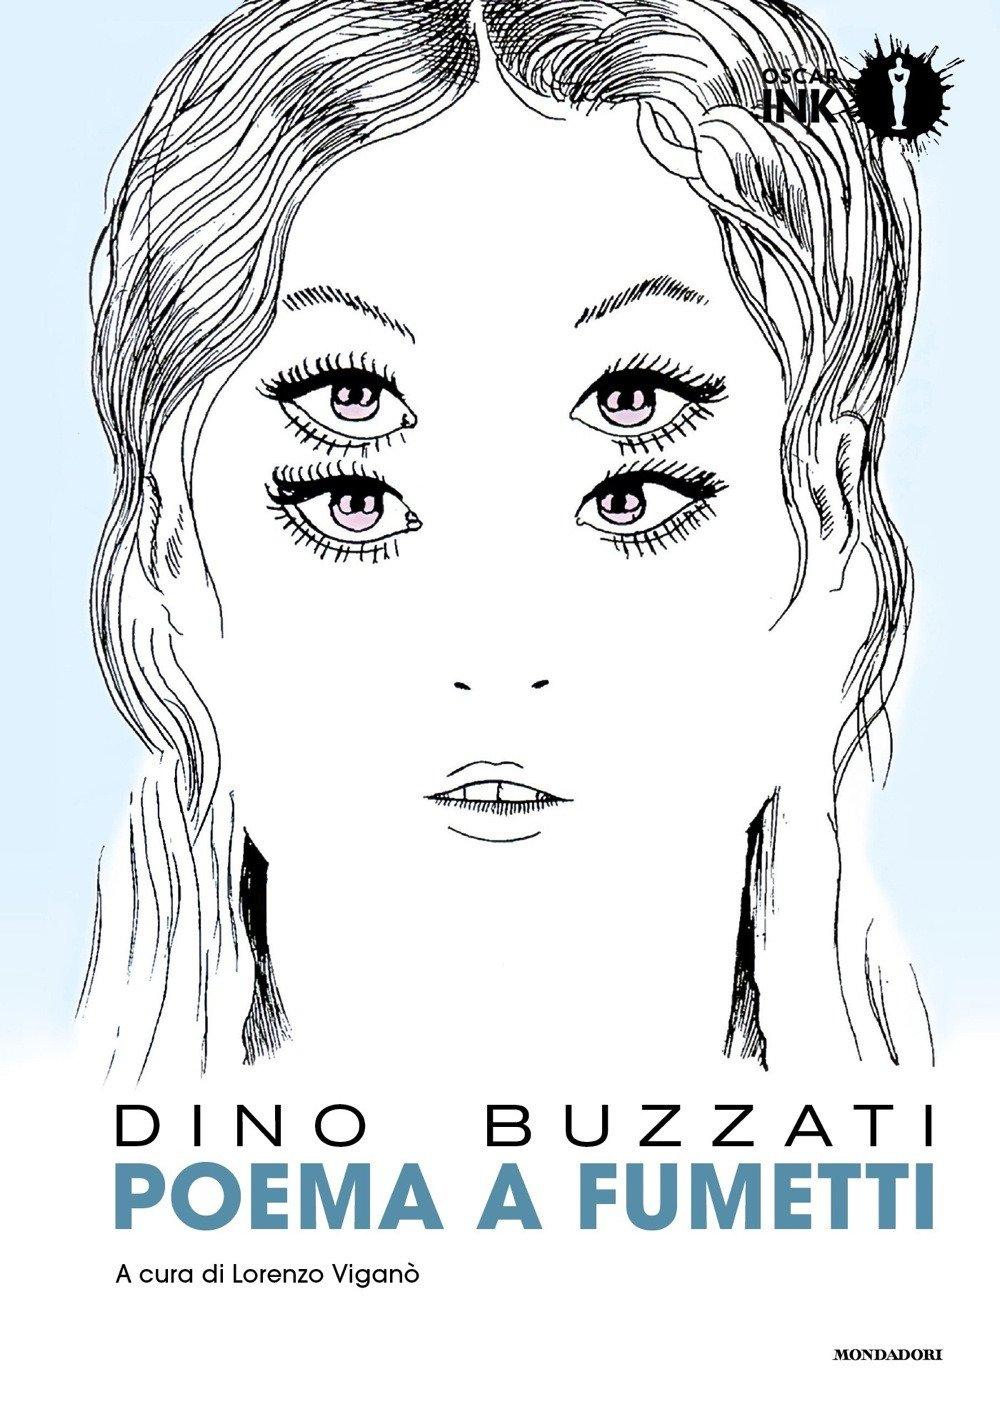 Poema A Fumetti Dino Buzzati Buzzati Dino 9788804679226 Amazon Com Books